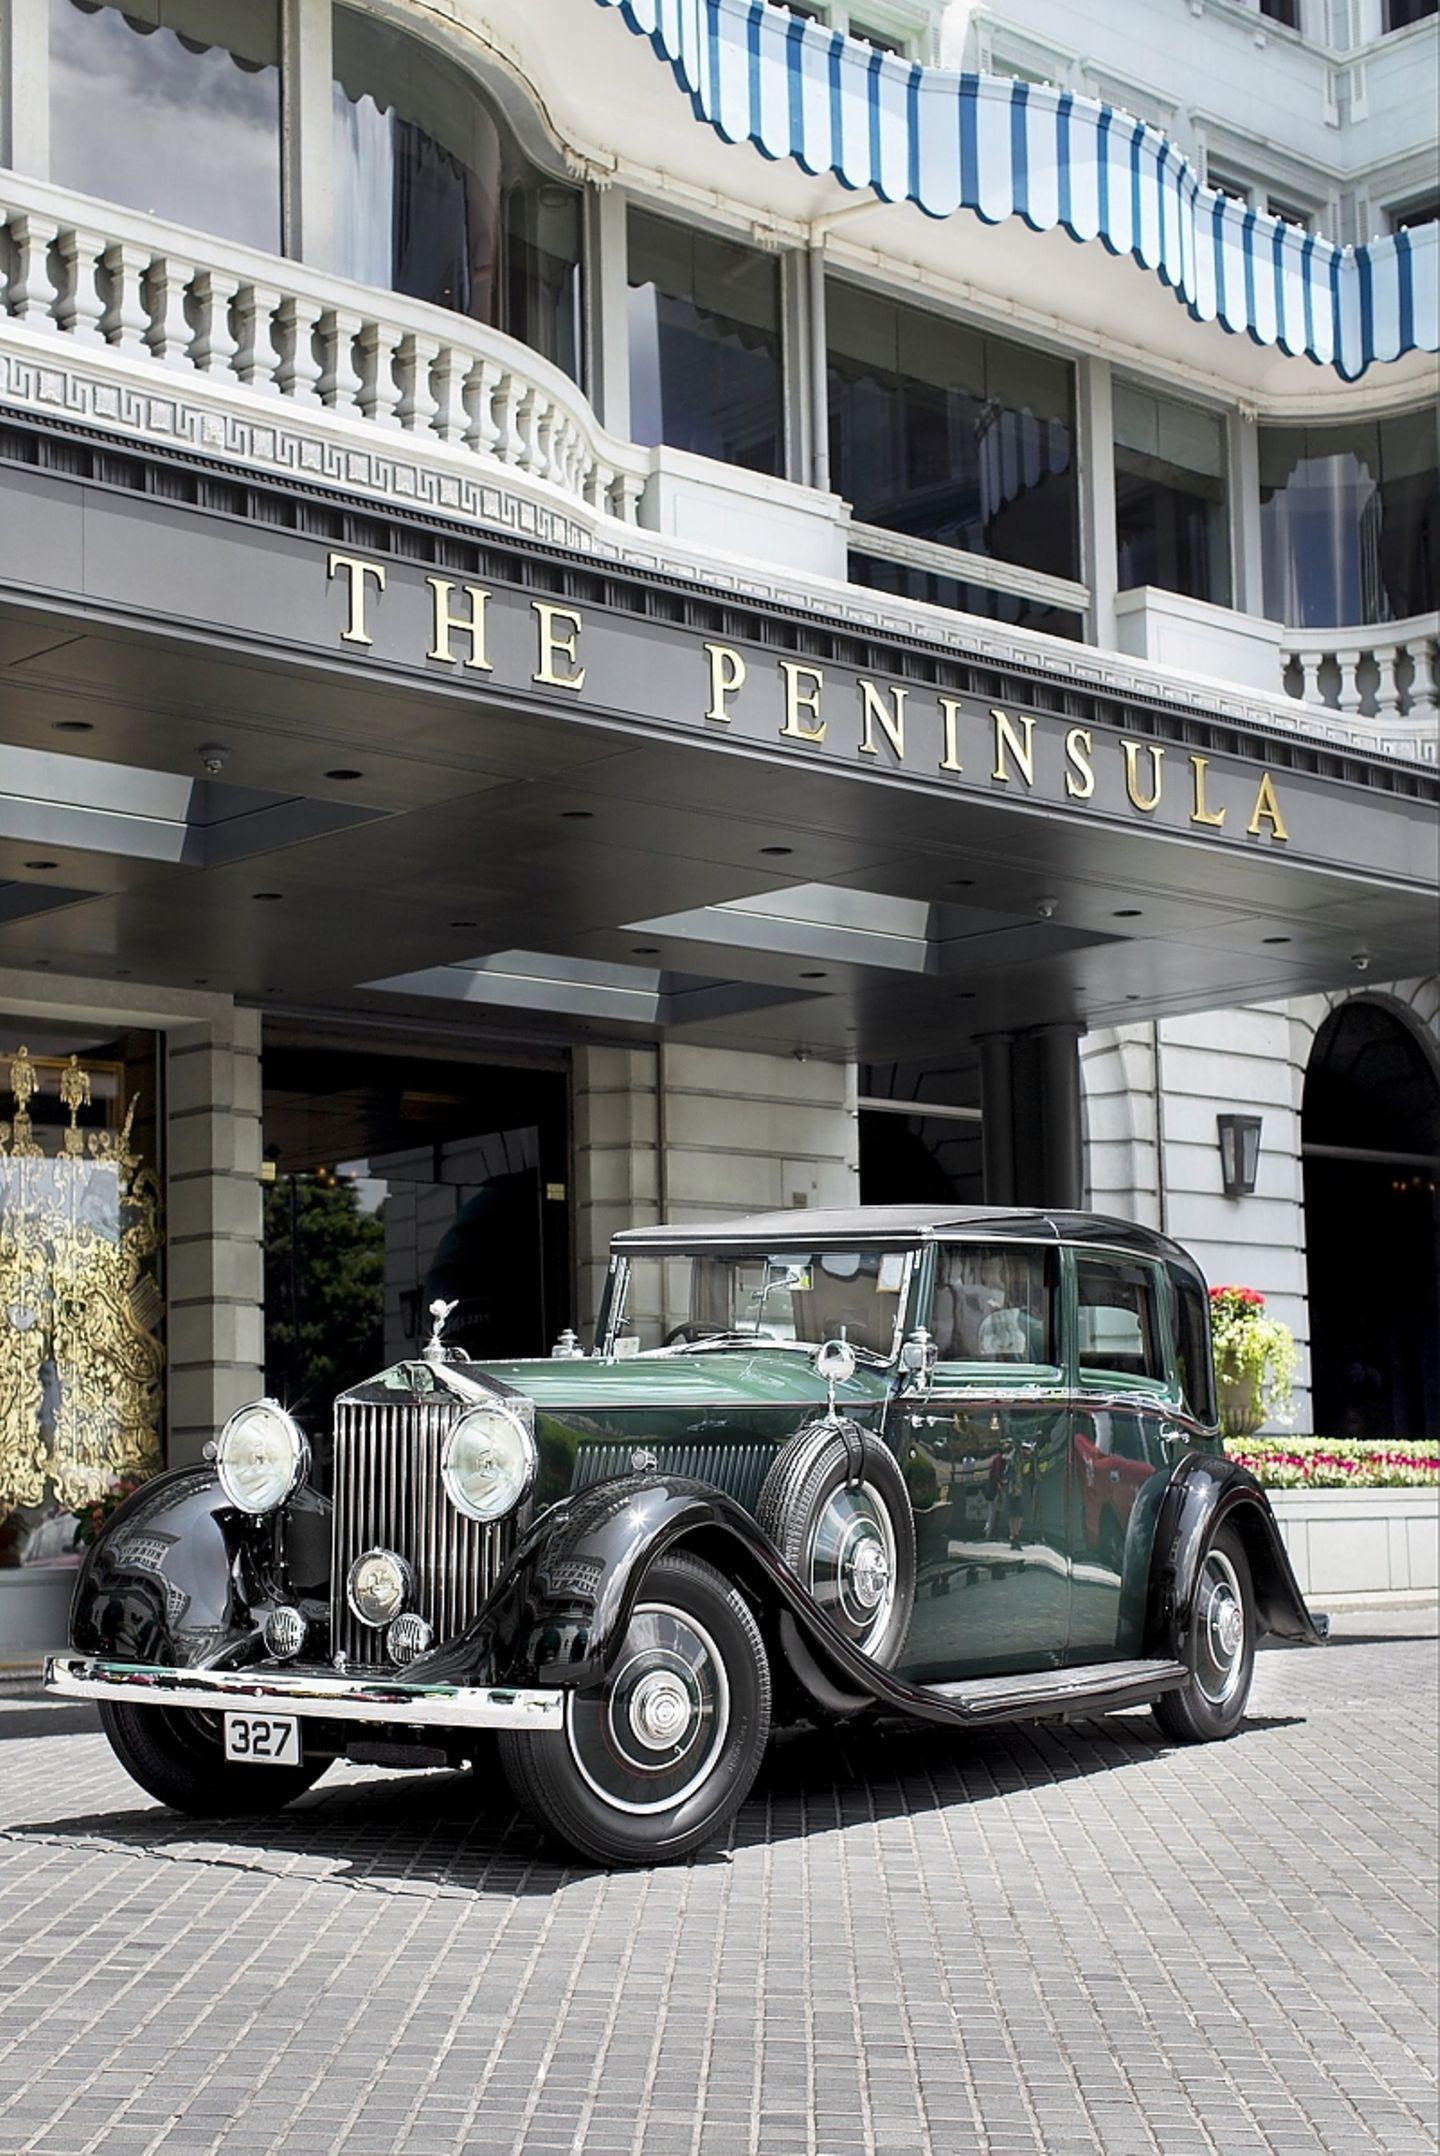 Rolls-Royce Phantom II Peninsula